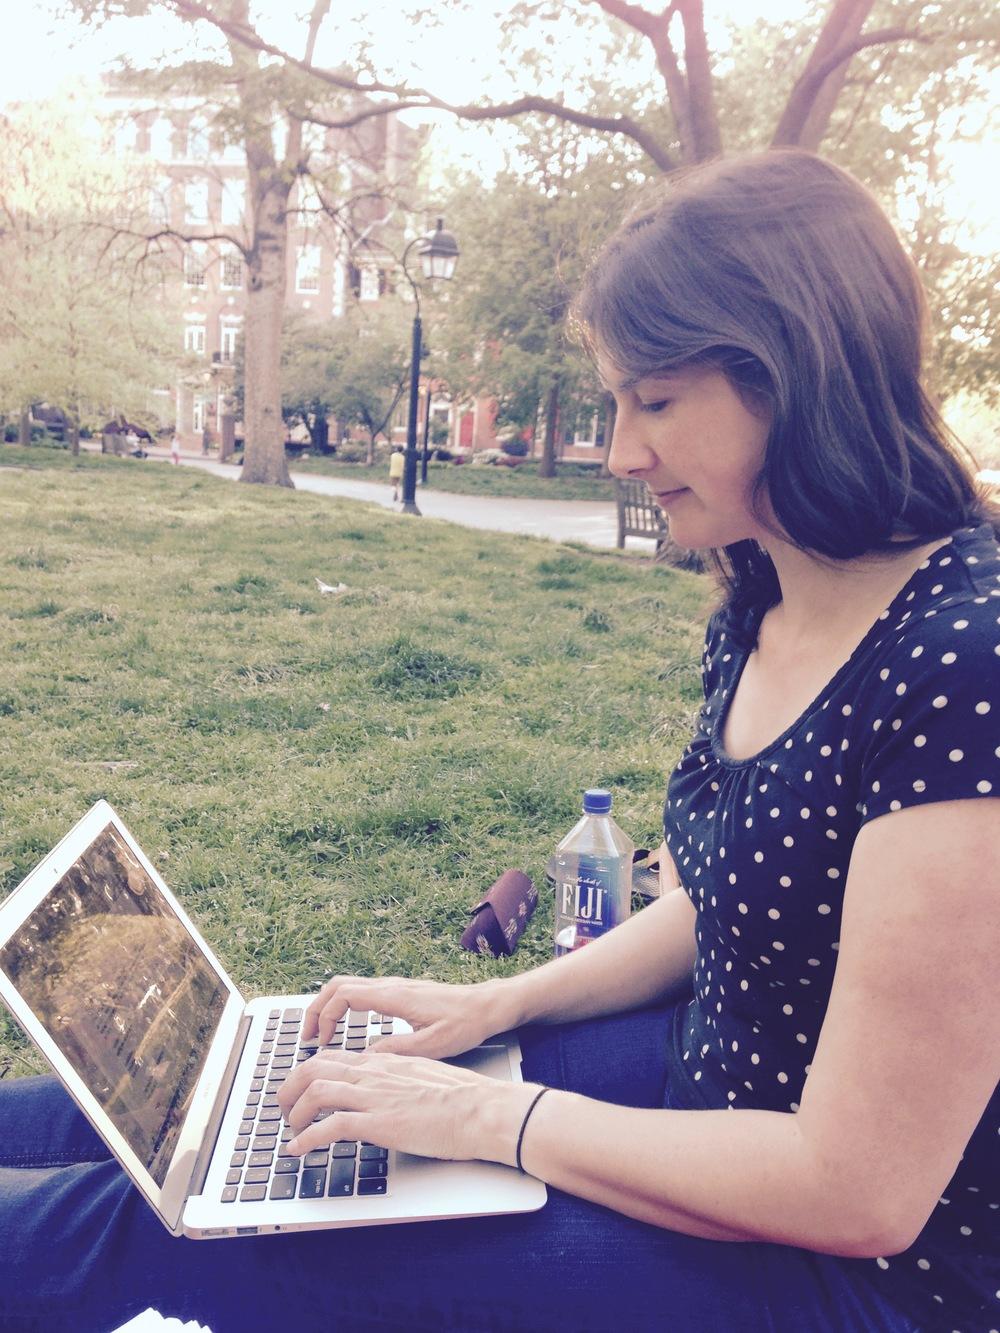 julie-lenard-the-storyologist.png